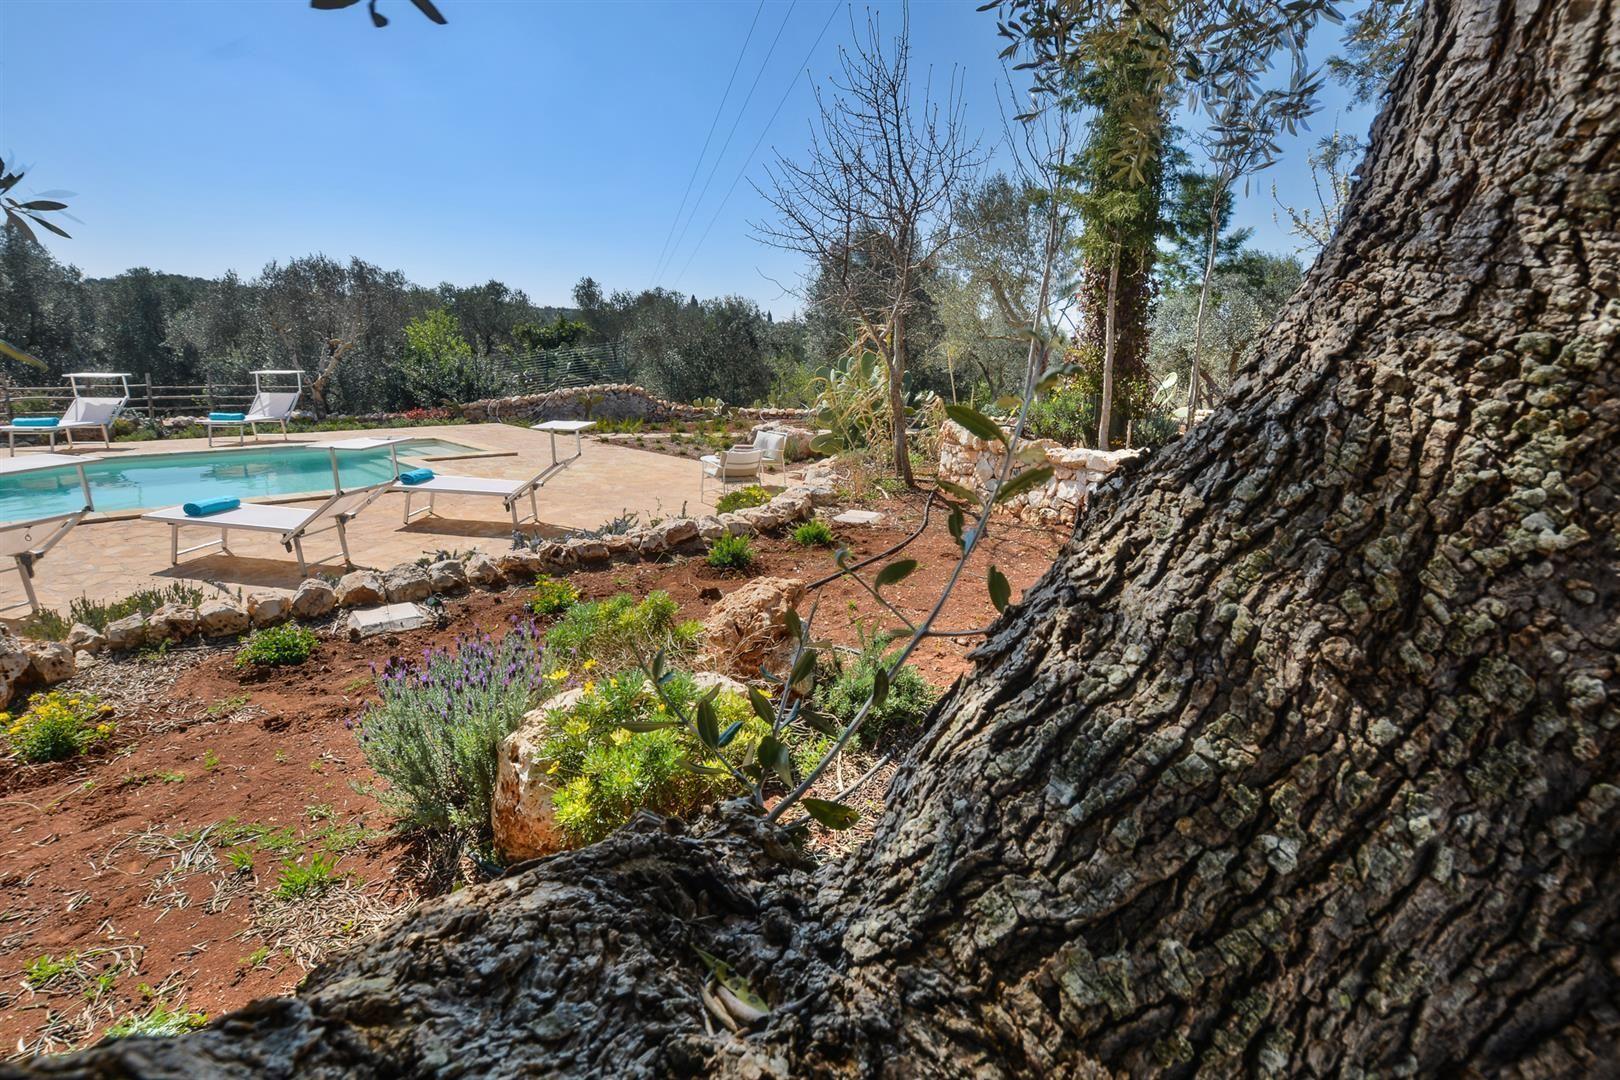 Villa Cristina Location De Vacances - Couchages 6 Dans 3 ... pour Piscine Du Port Marchand